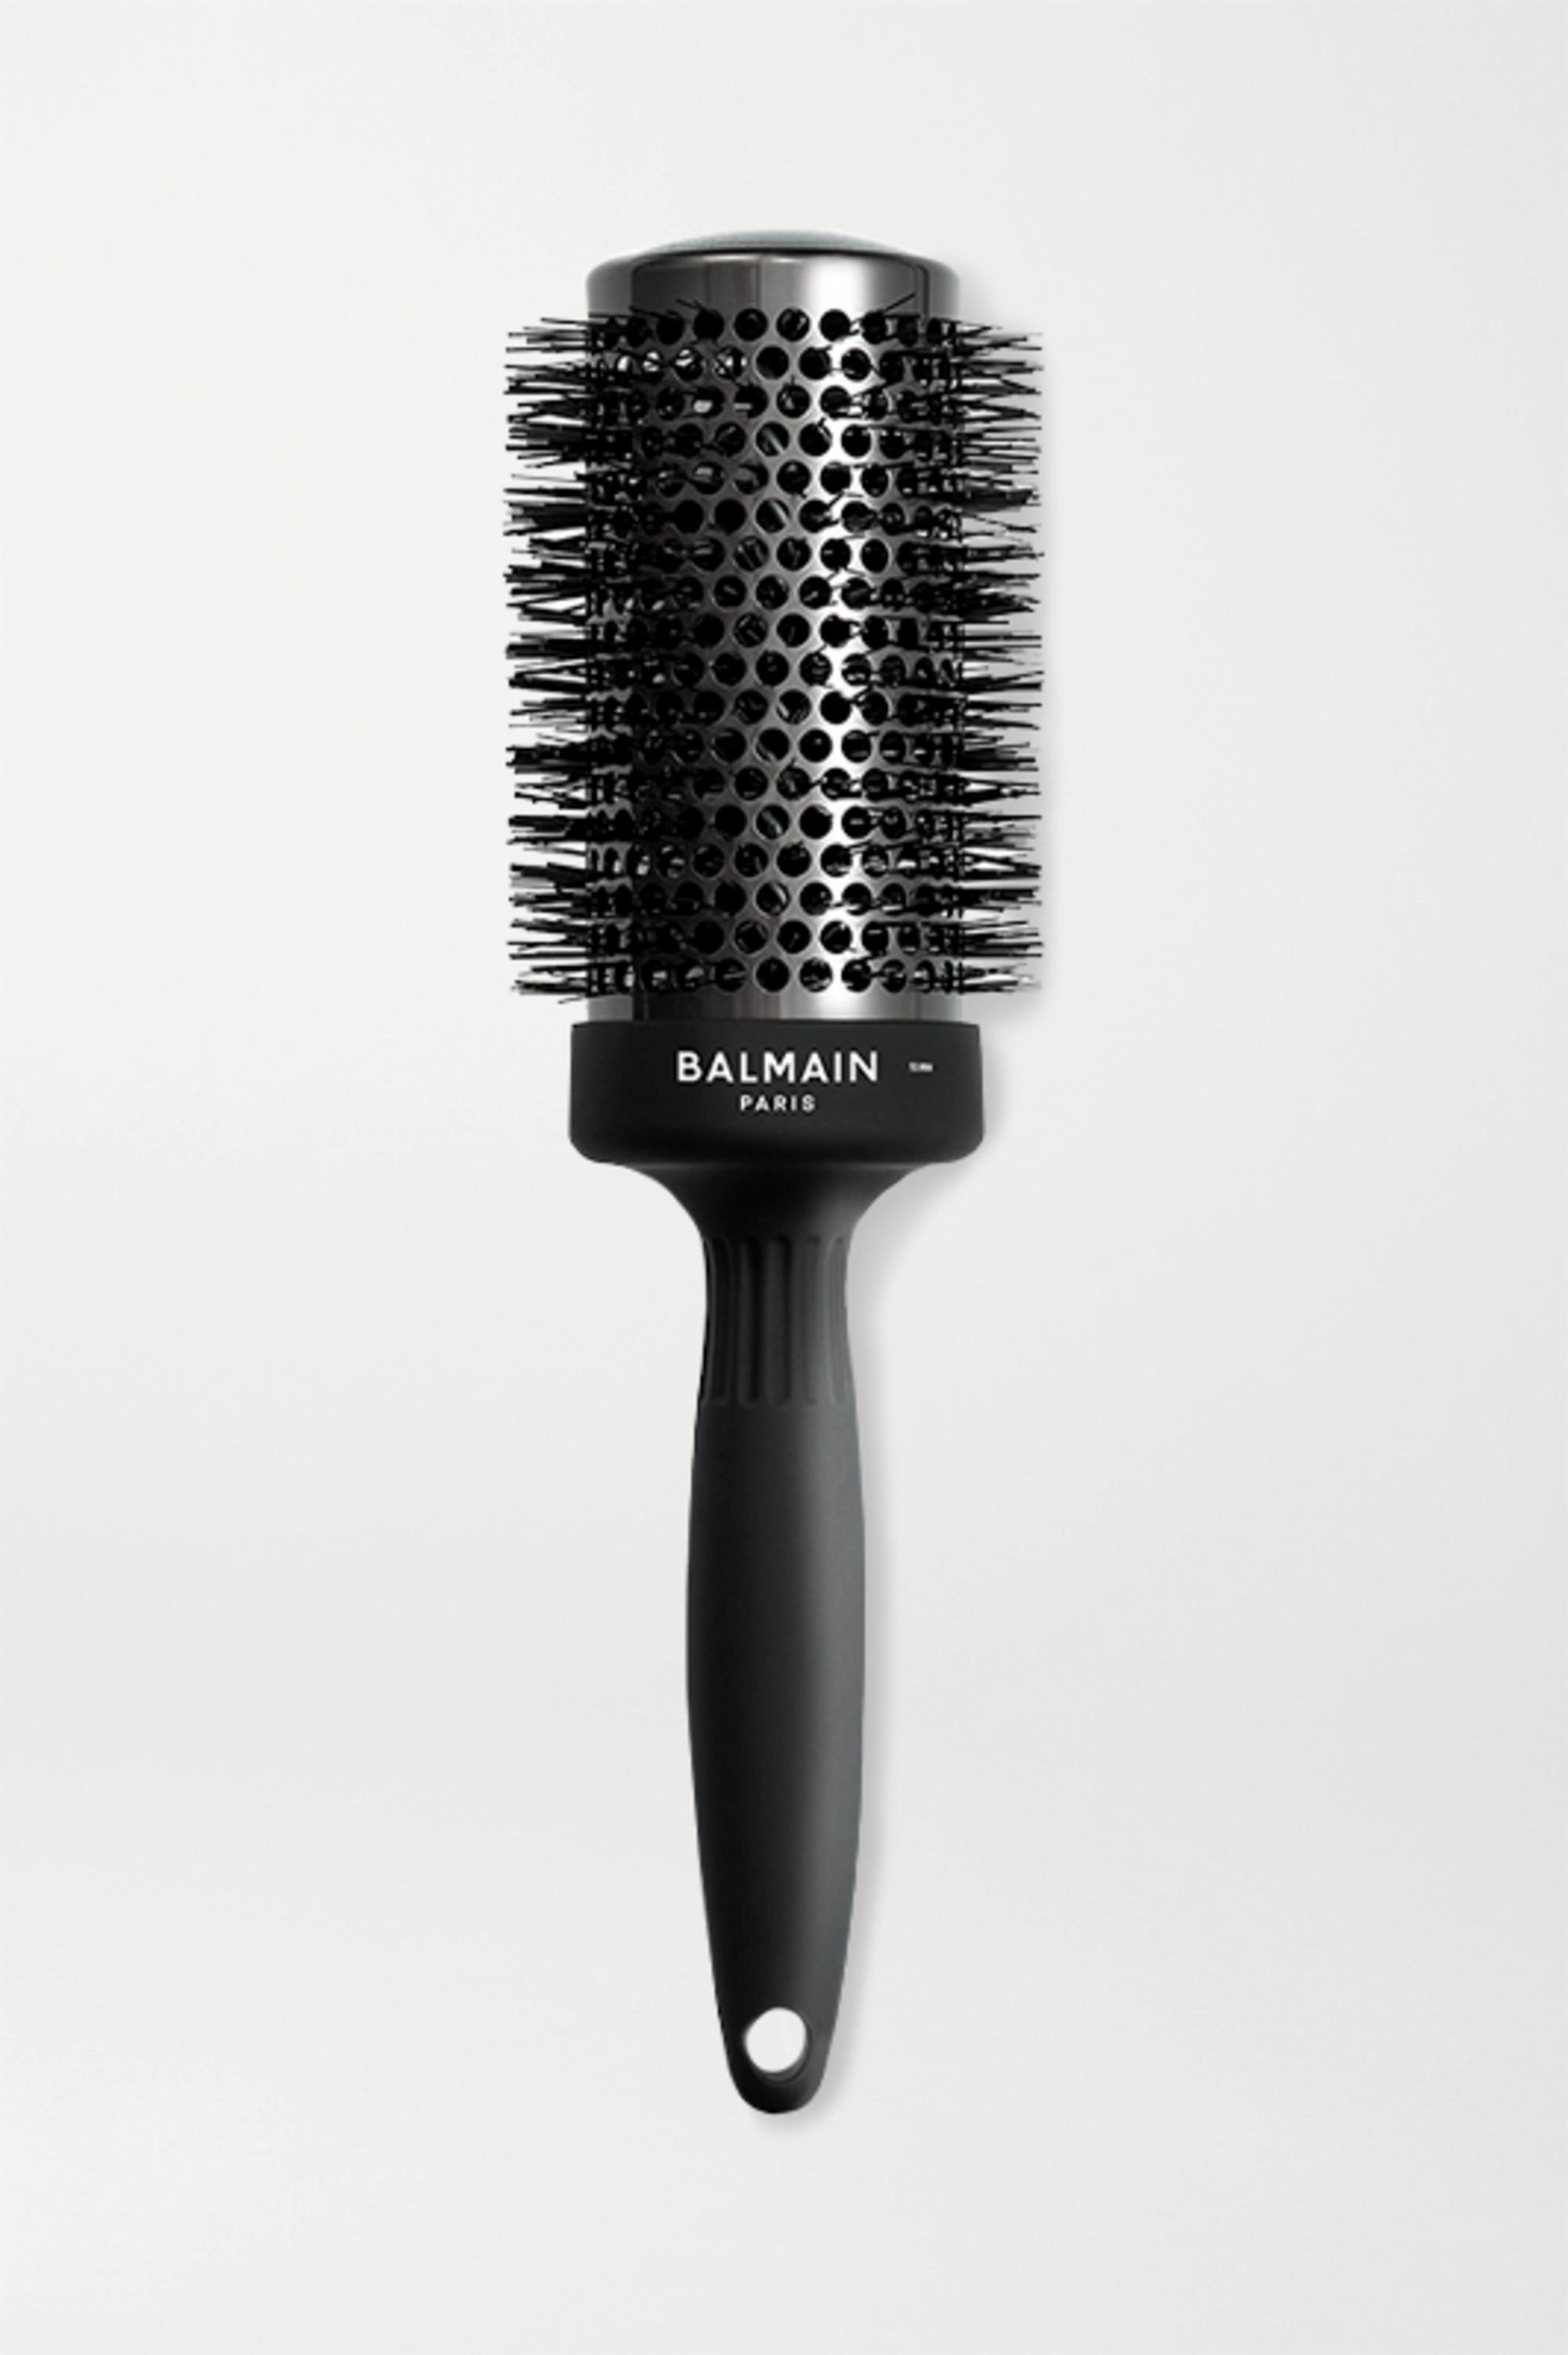 Balmain Paris Hair Couture Ceramic Round Brush 53mm